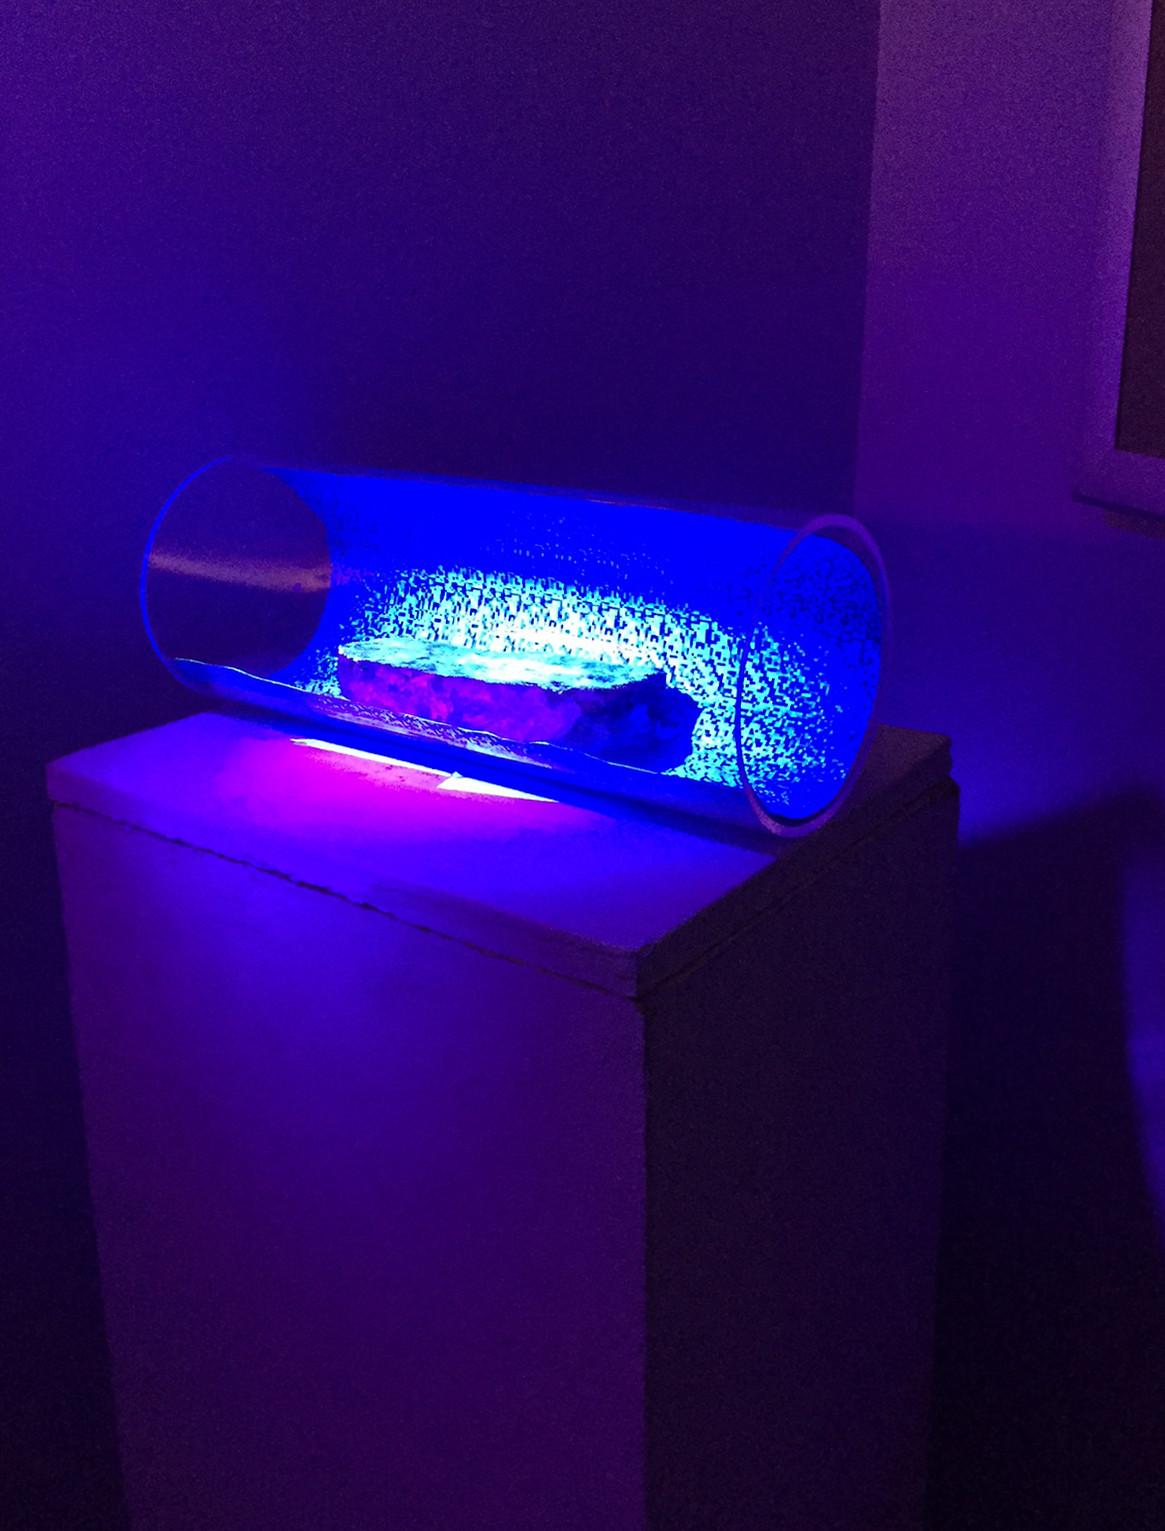 Rock in a Tube, UV pain, UV light